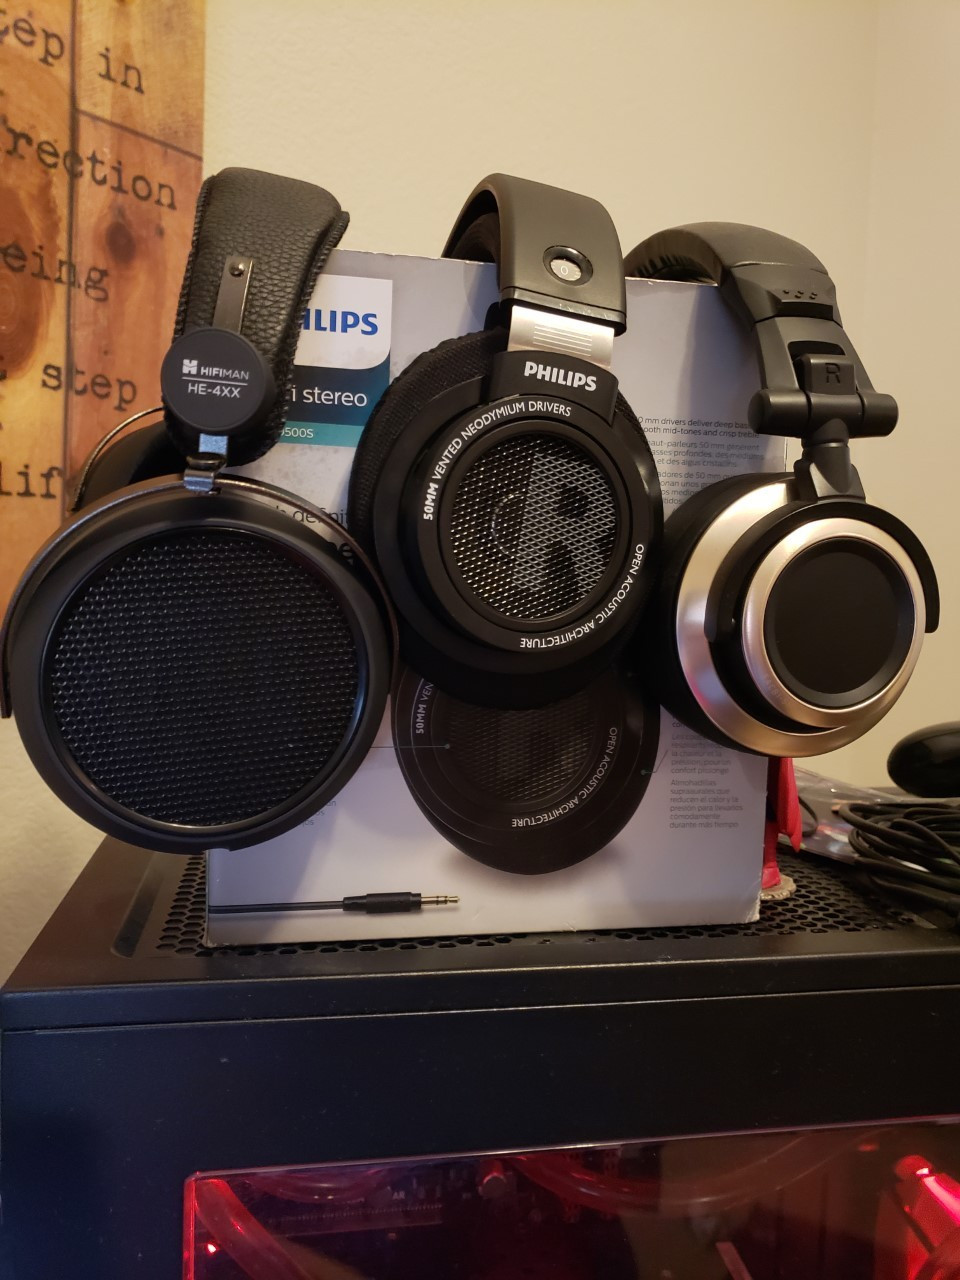 HiFiman HE4xx, SHP9500s, and Status Audio CB-1's